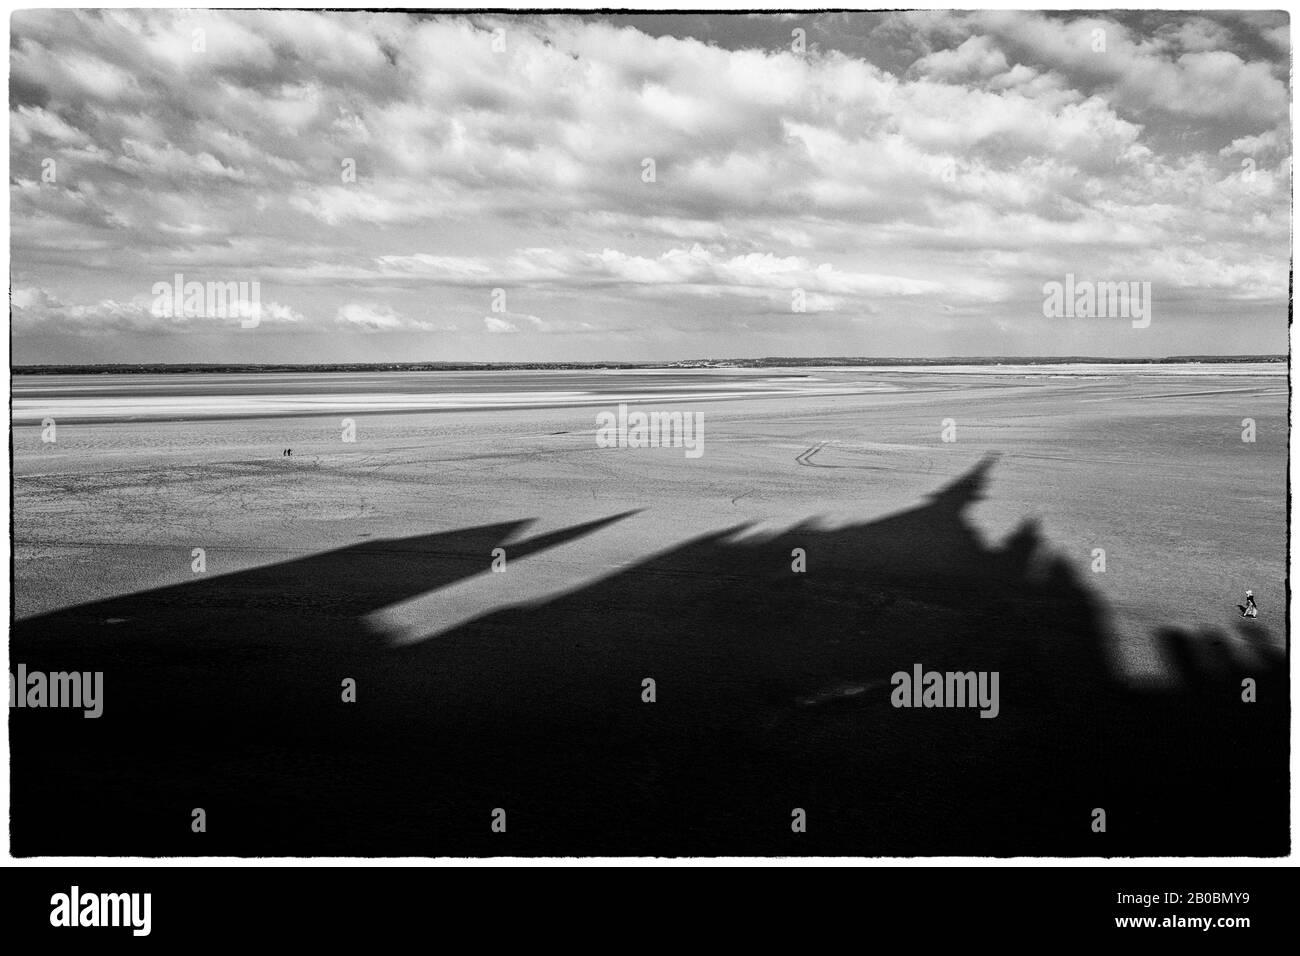 Sombra en la marea baja, Mont-Saint-Michel, Departement Ille-et-Vilaine, Francia Foto de stock